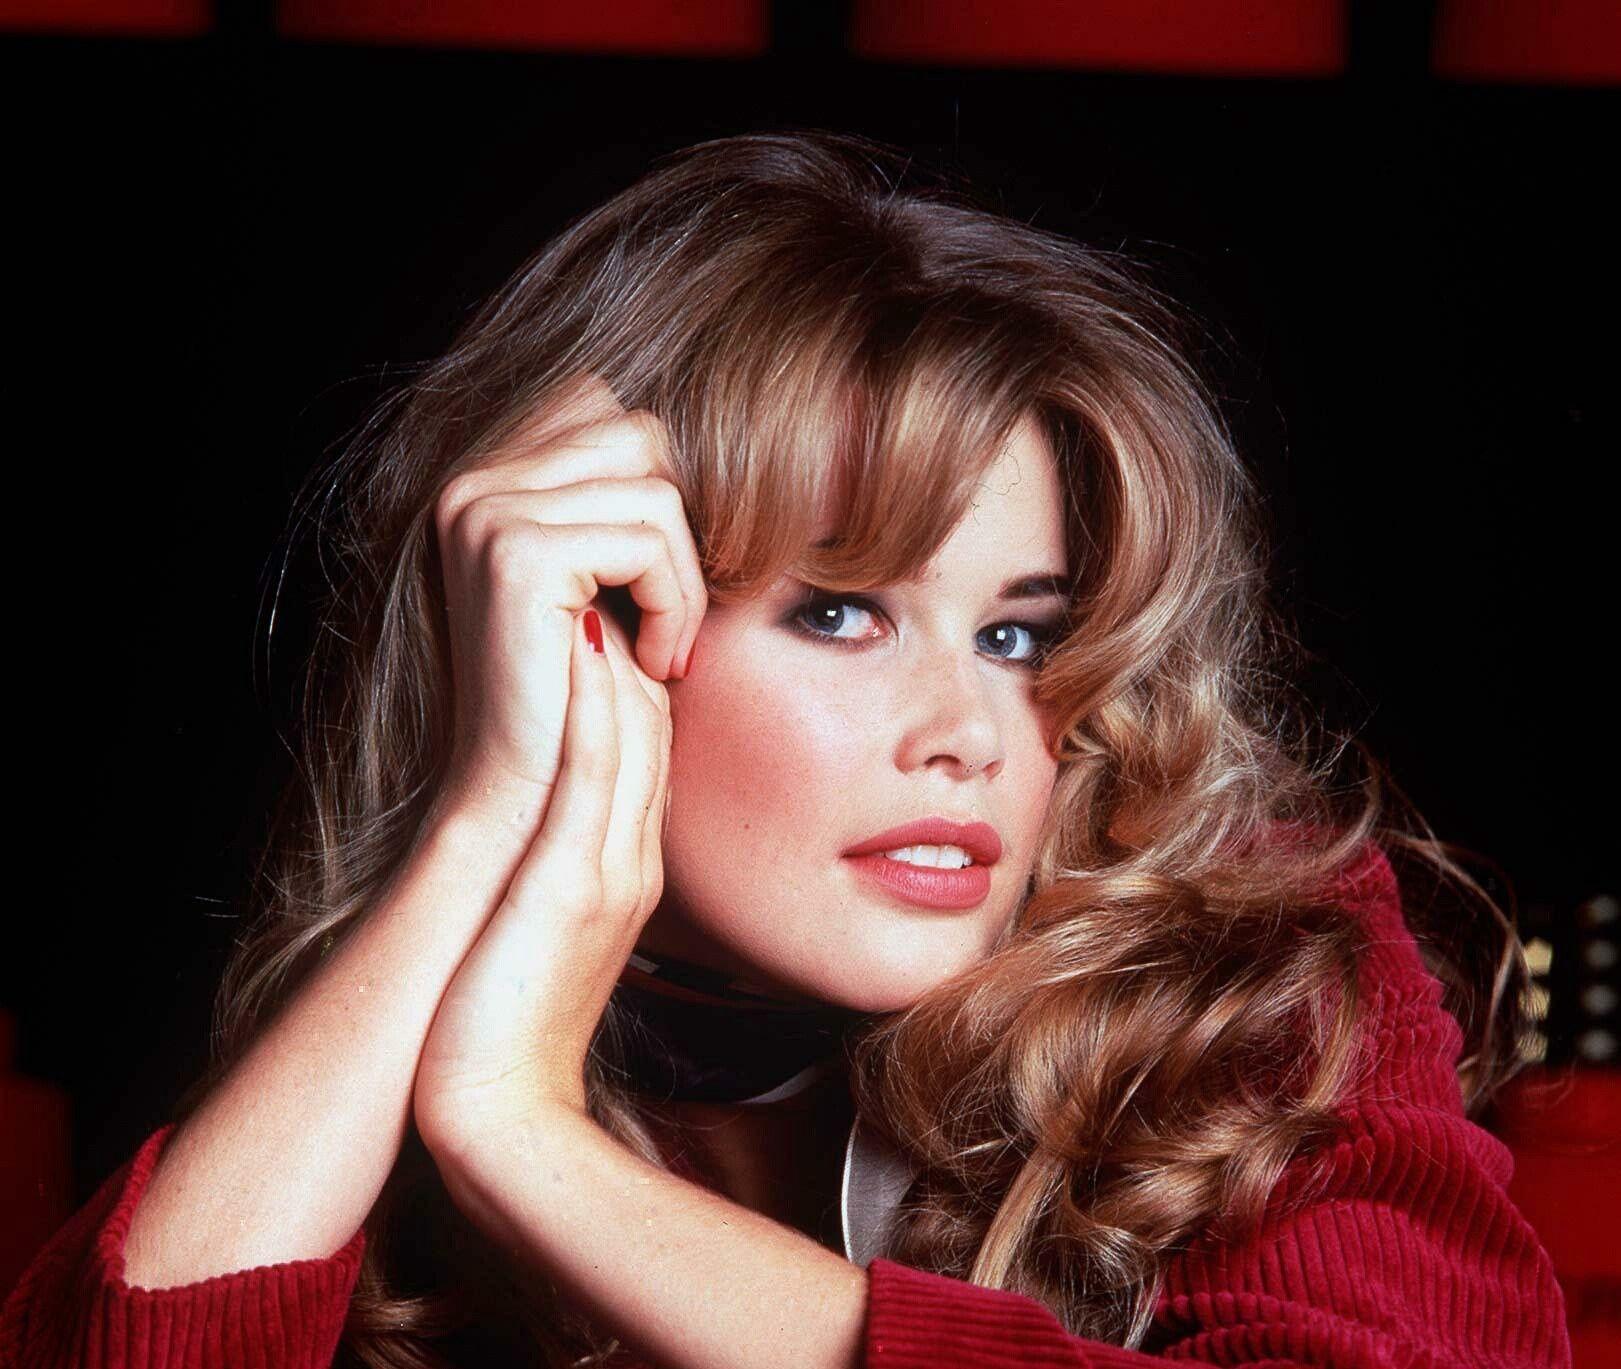 90年代,集美貌智慧一身的超模克劳迪娅·希弗,美得移不开眼!